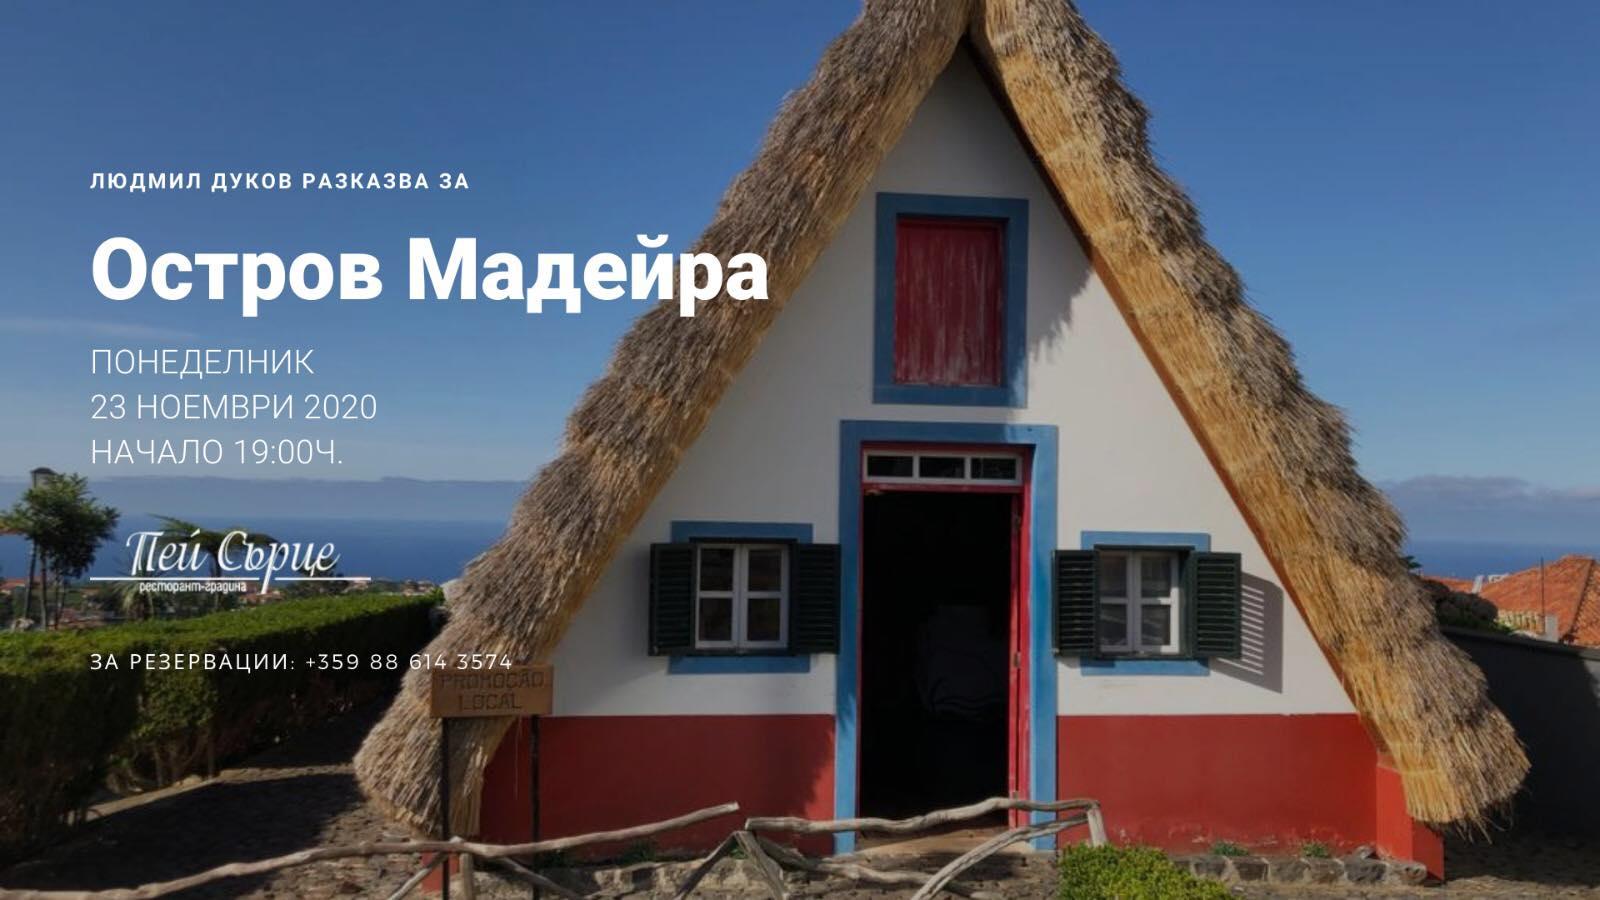 Пътешествие на остров Мадейра с Людмил Дуков на 23 ноември